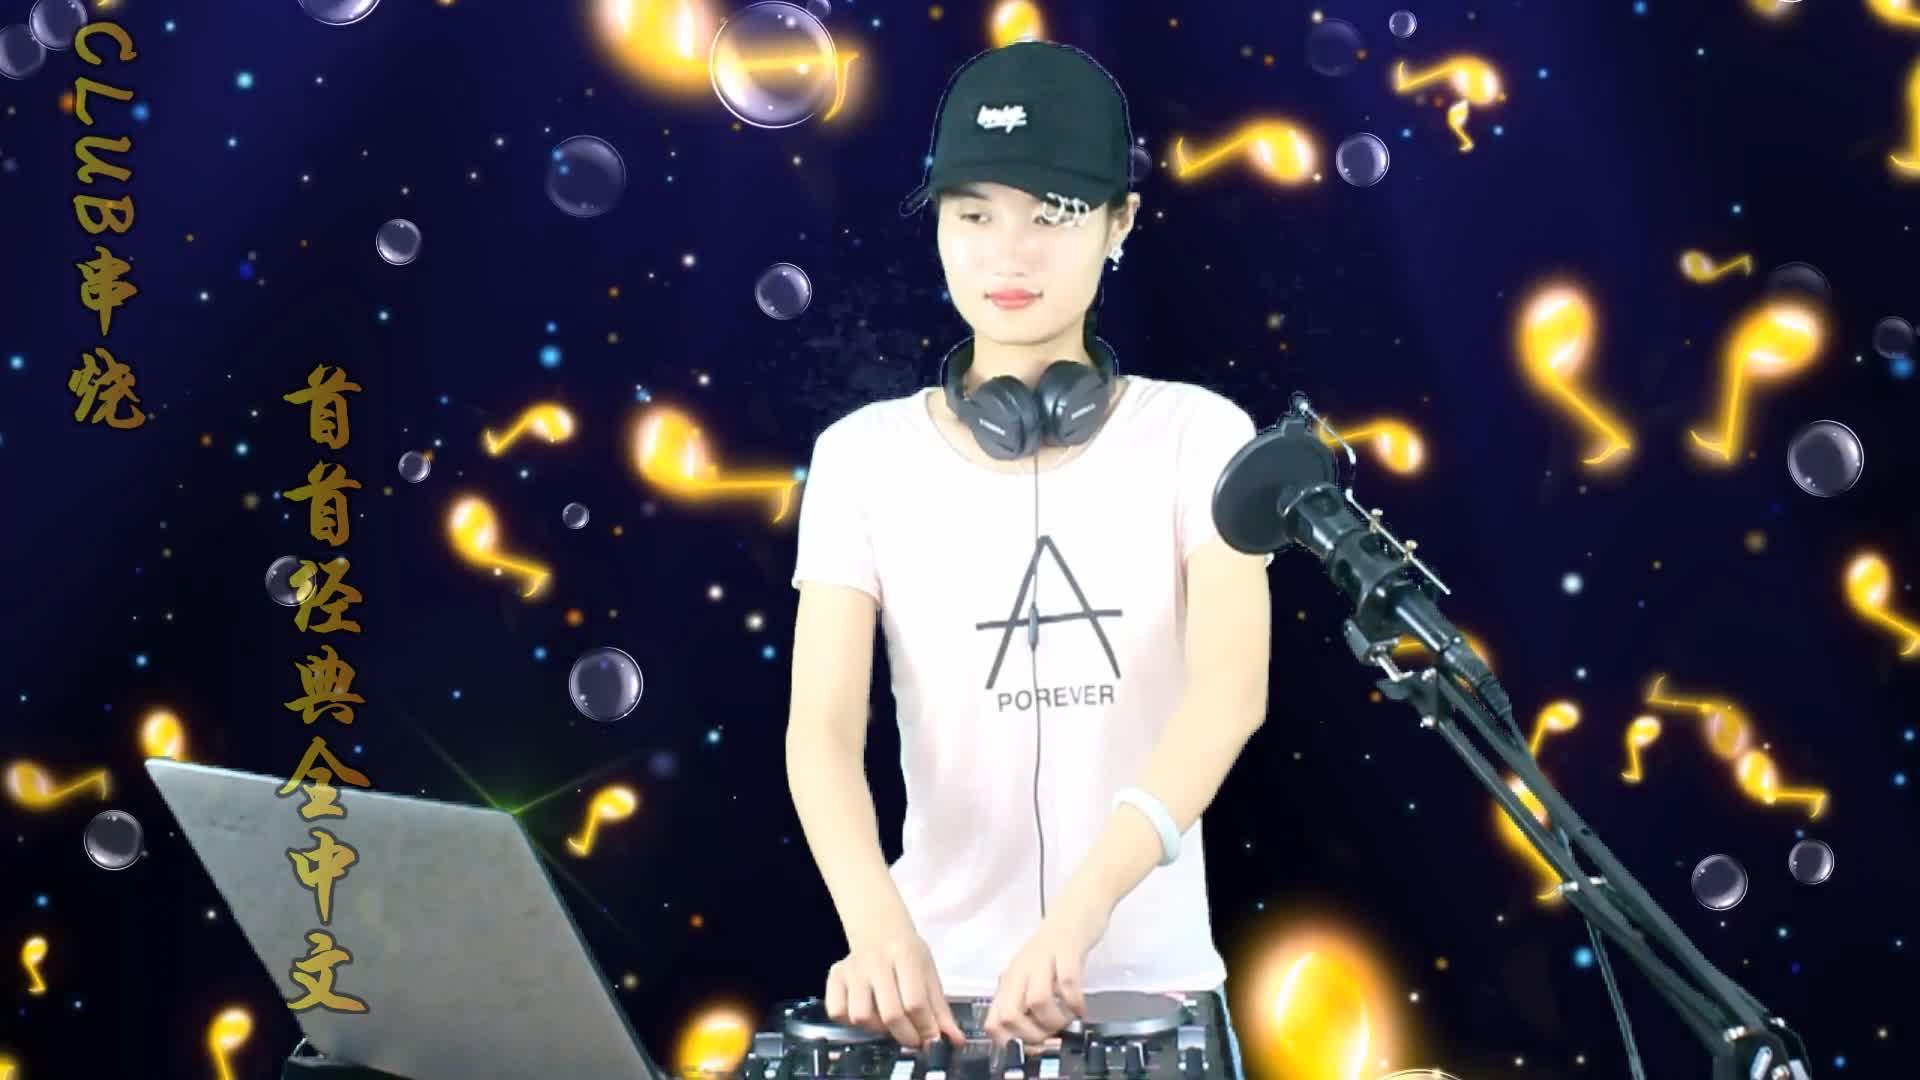 陈咏、郭玲一首《幸福爱河》DJ何鹏版,情歌对唱,甜蜜爱河!